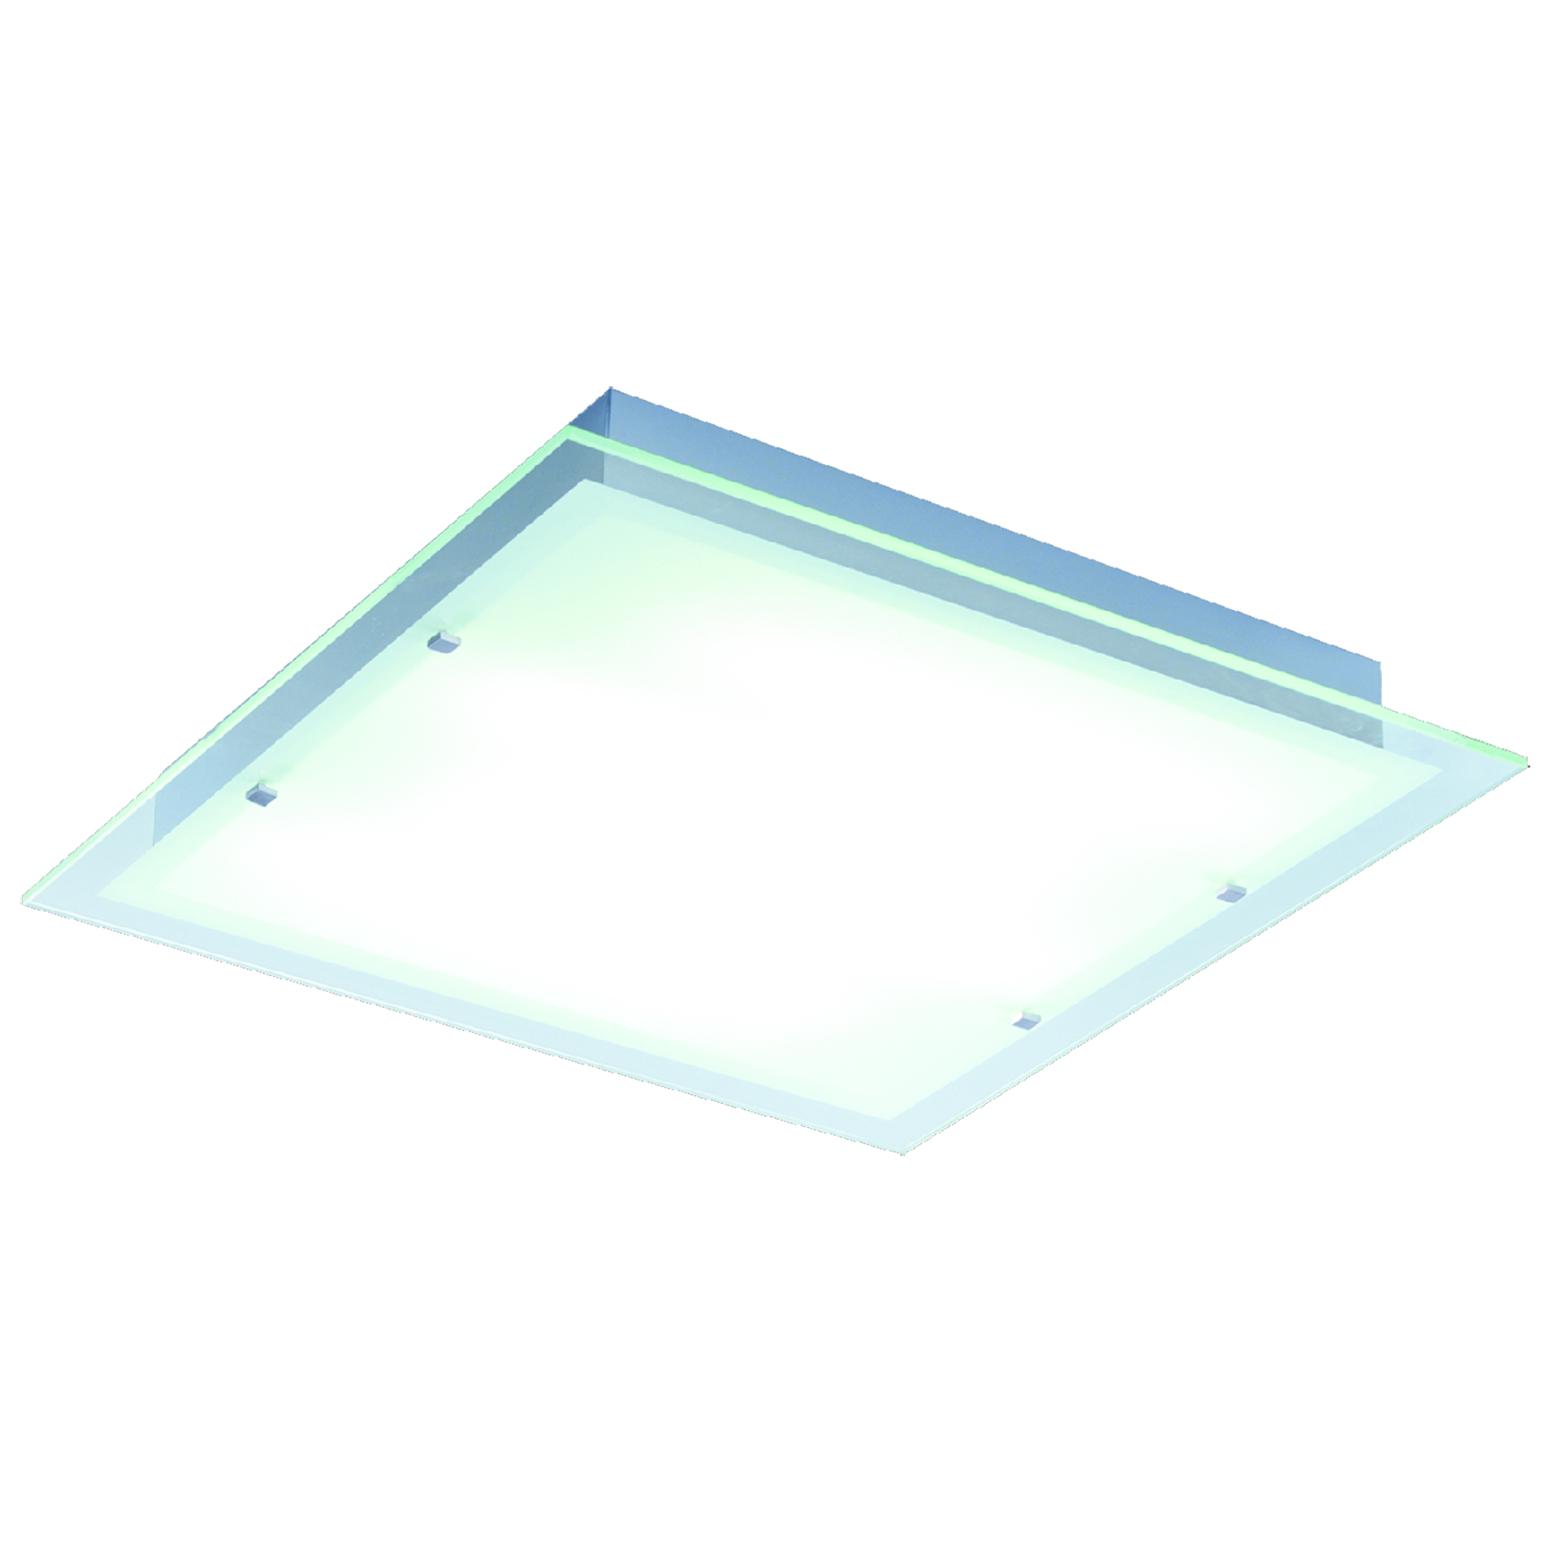 Contempra square ceiling light fixture by et2 e22120 24al